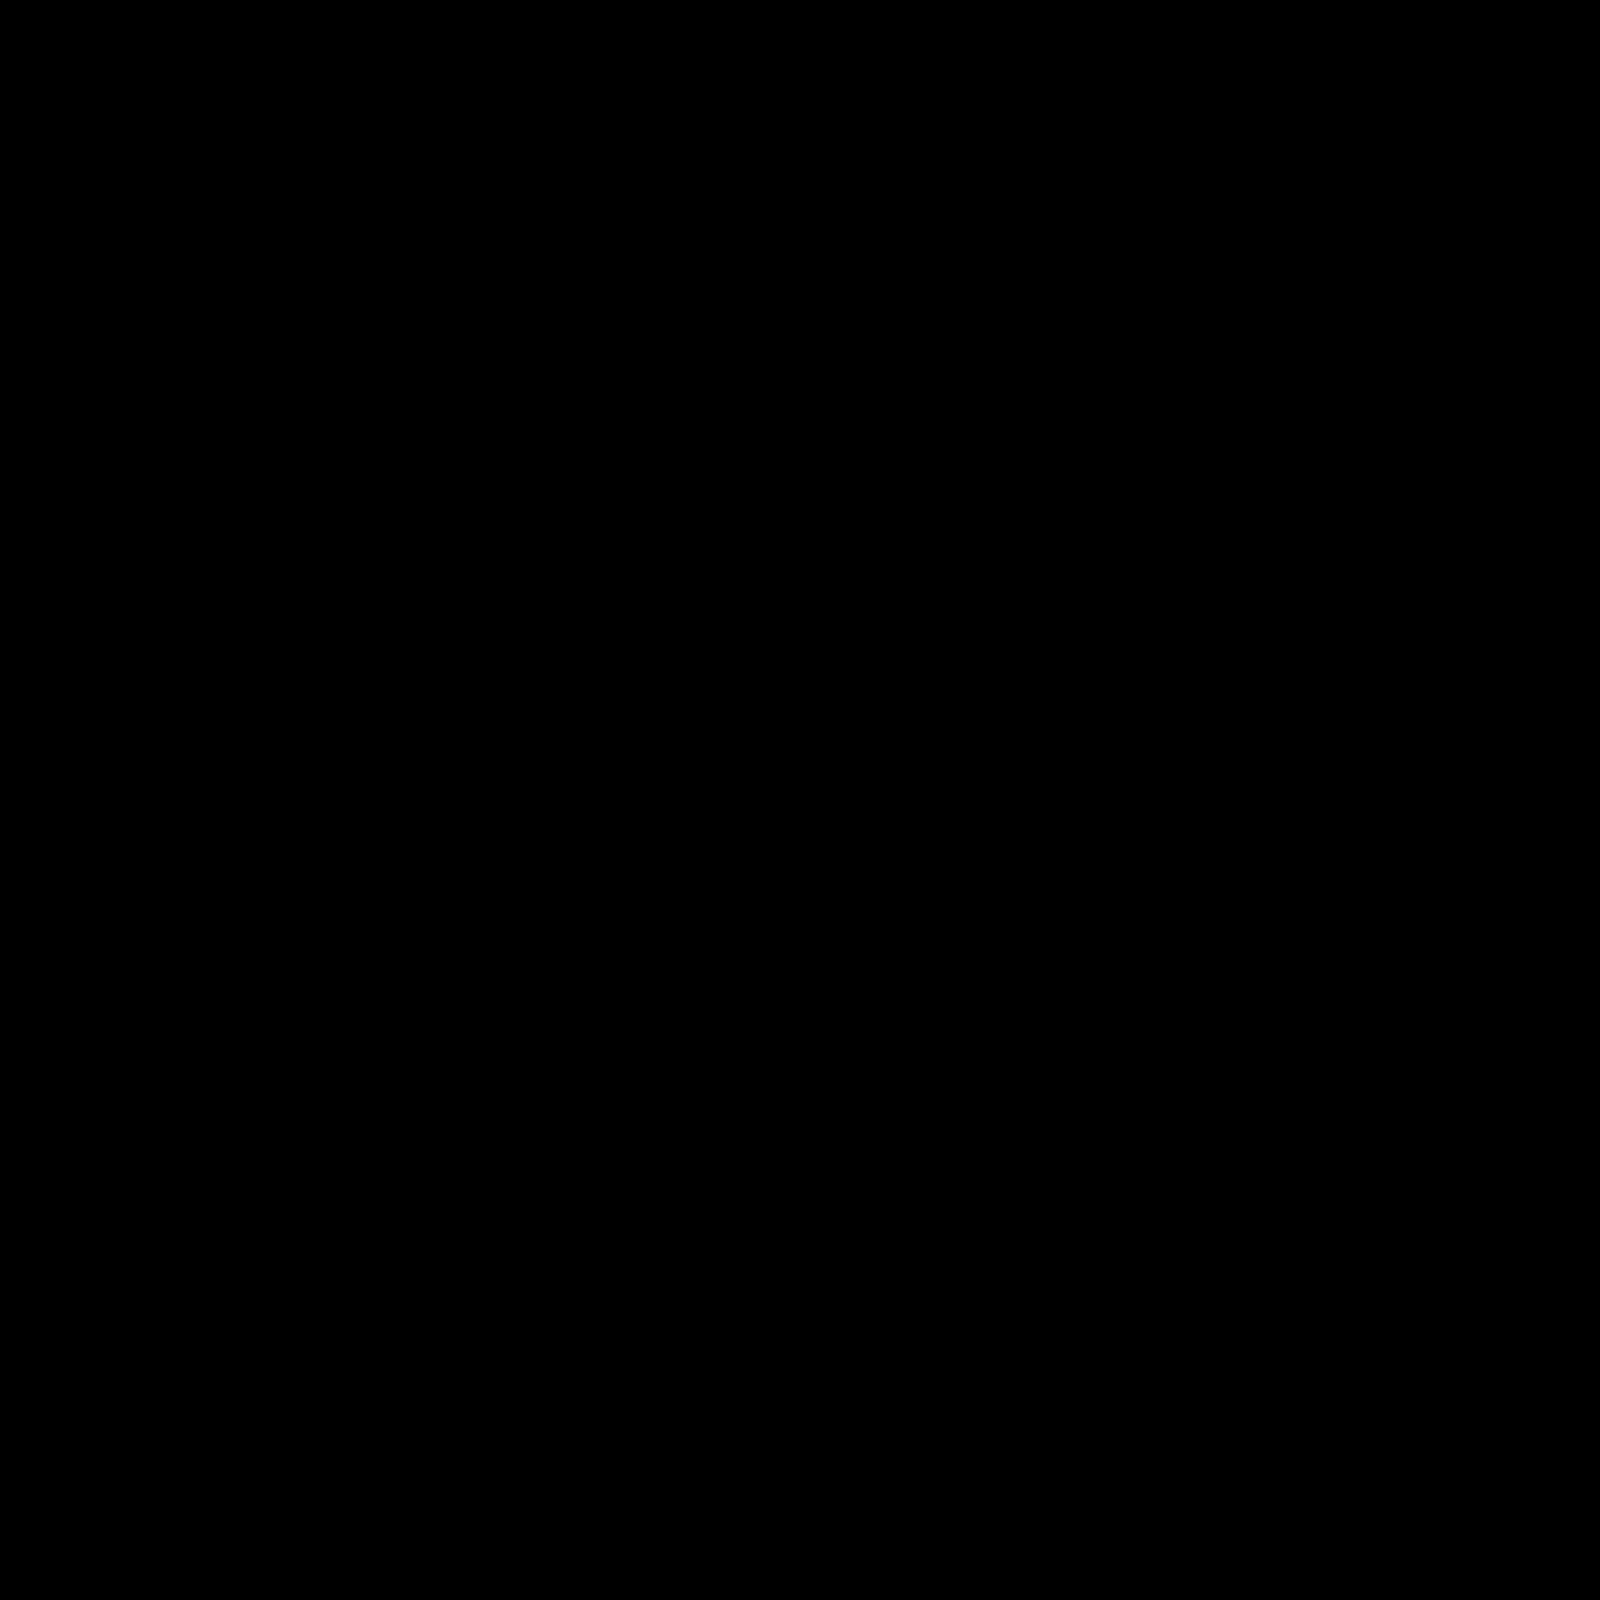 Tétine icon